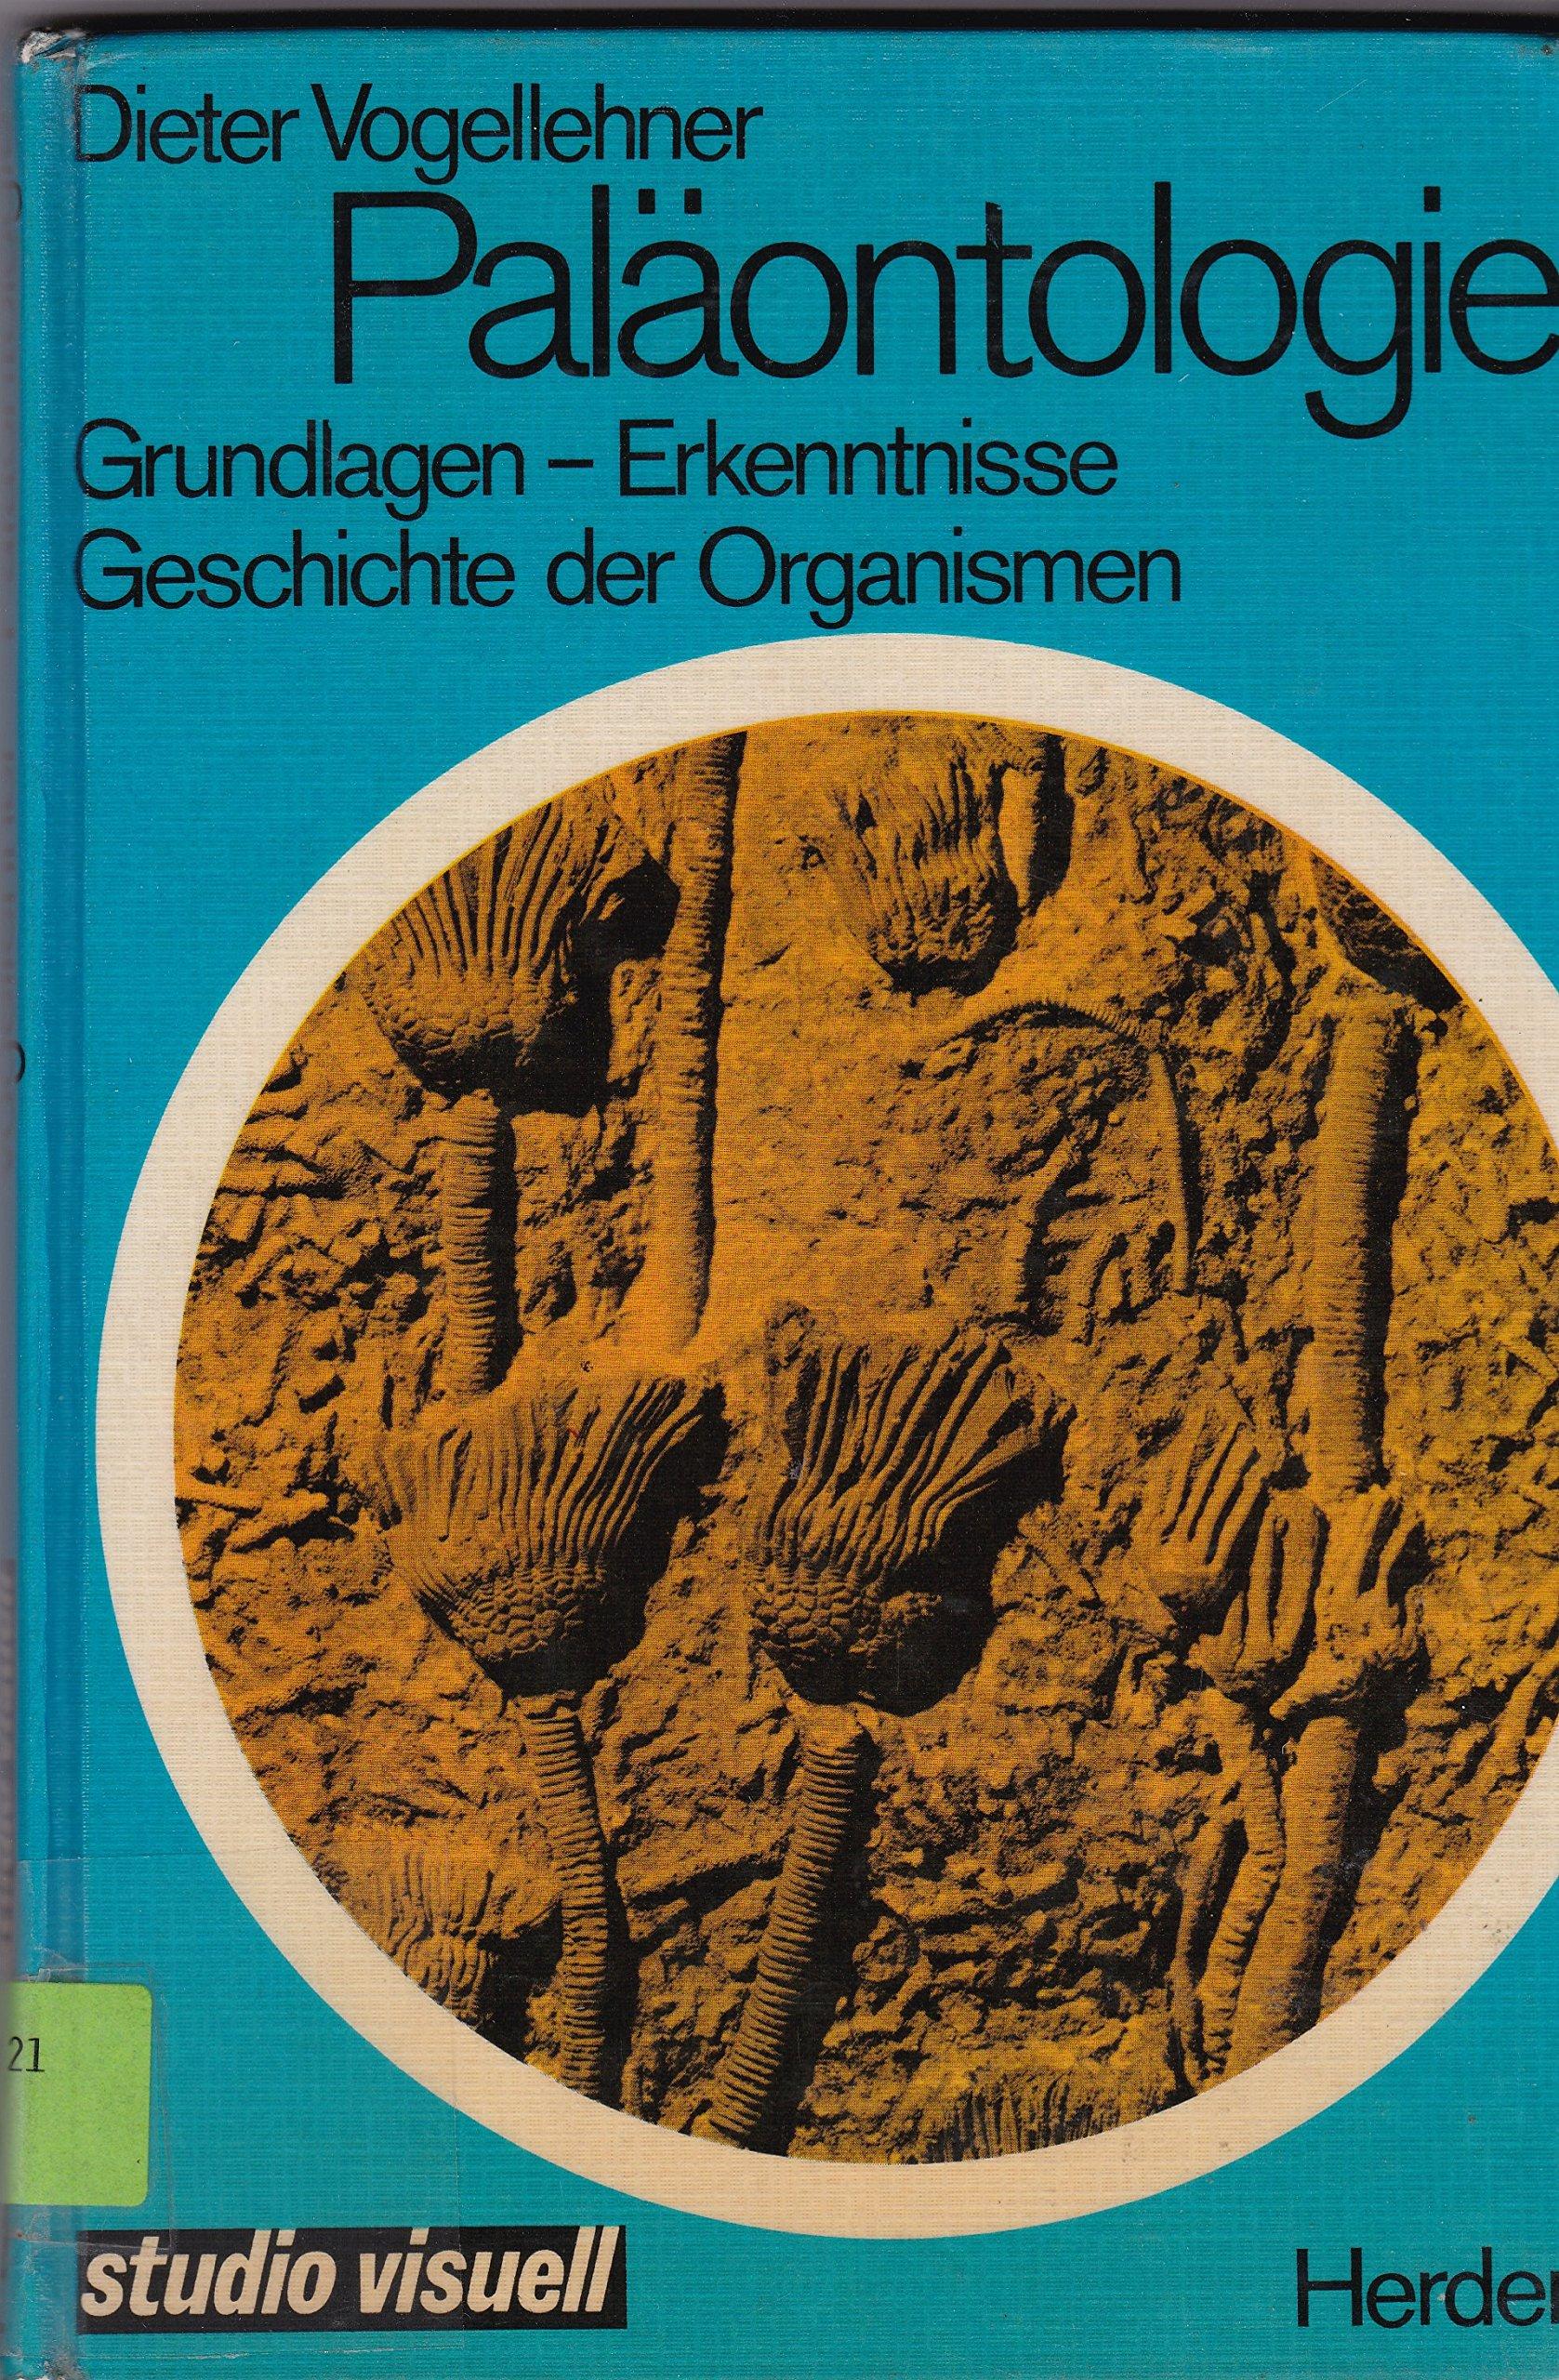 Paläontologie. Grundlagen - Erkenntnisse - Geschichte der Organismen Gebundenes Buch – 1977 Dieter Vogellehner Freiburg Herder Verlag